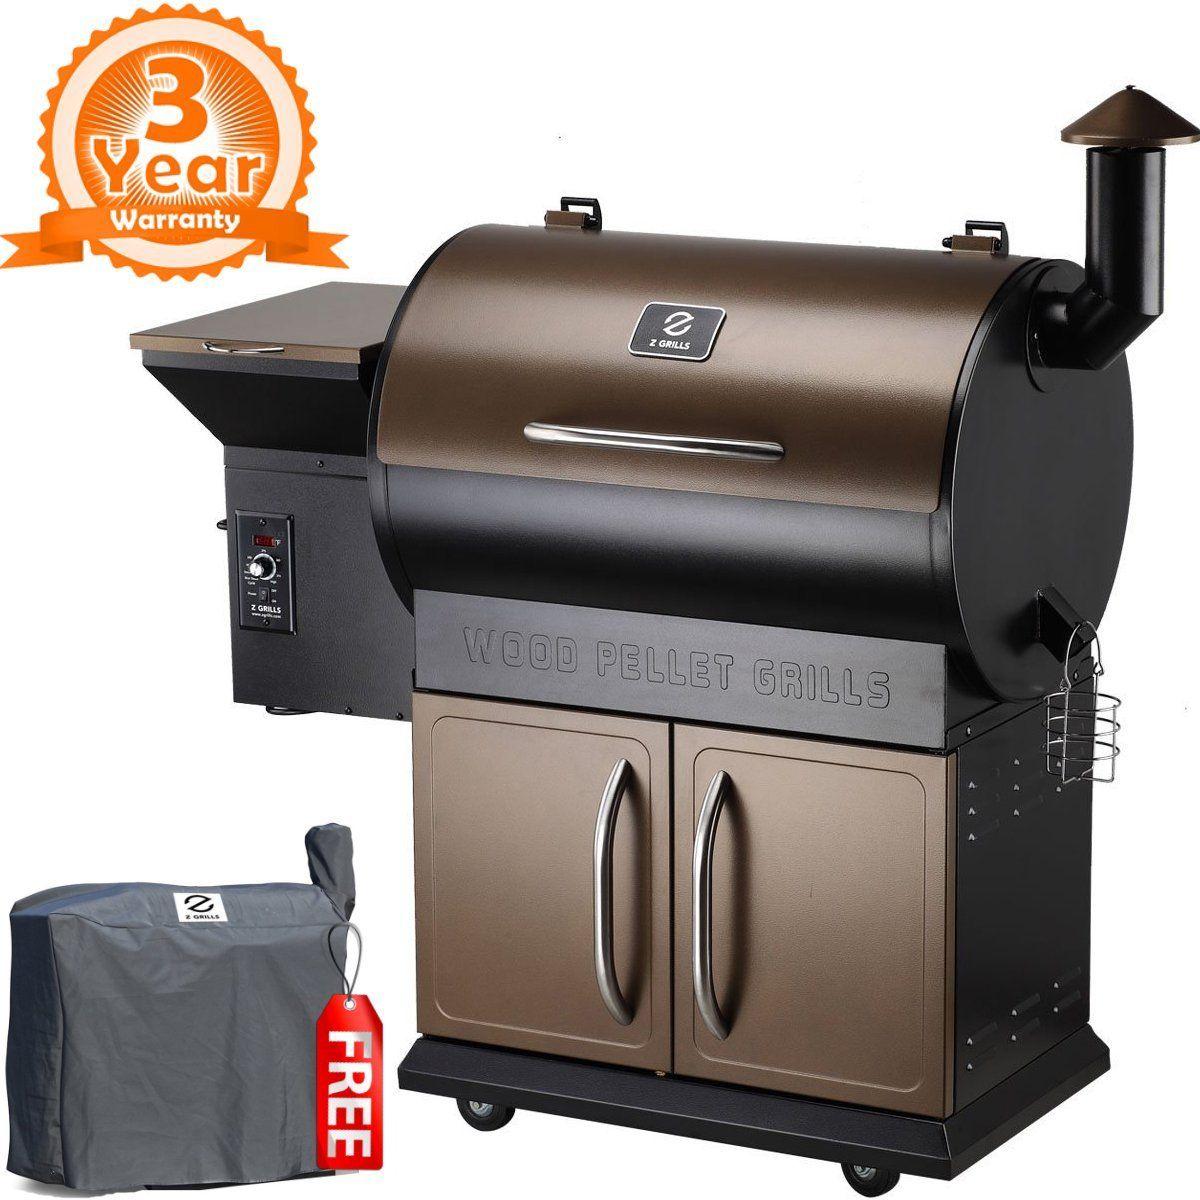 Top 10 Best Pellet Smokers 2020 Reviews Buyers Guide Grills Forever Pellet Smokers Pellet Grill Grilling